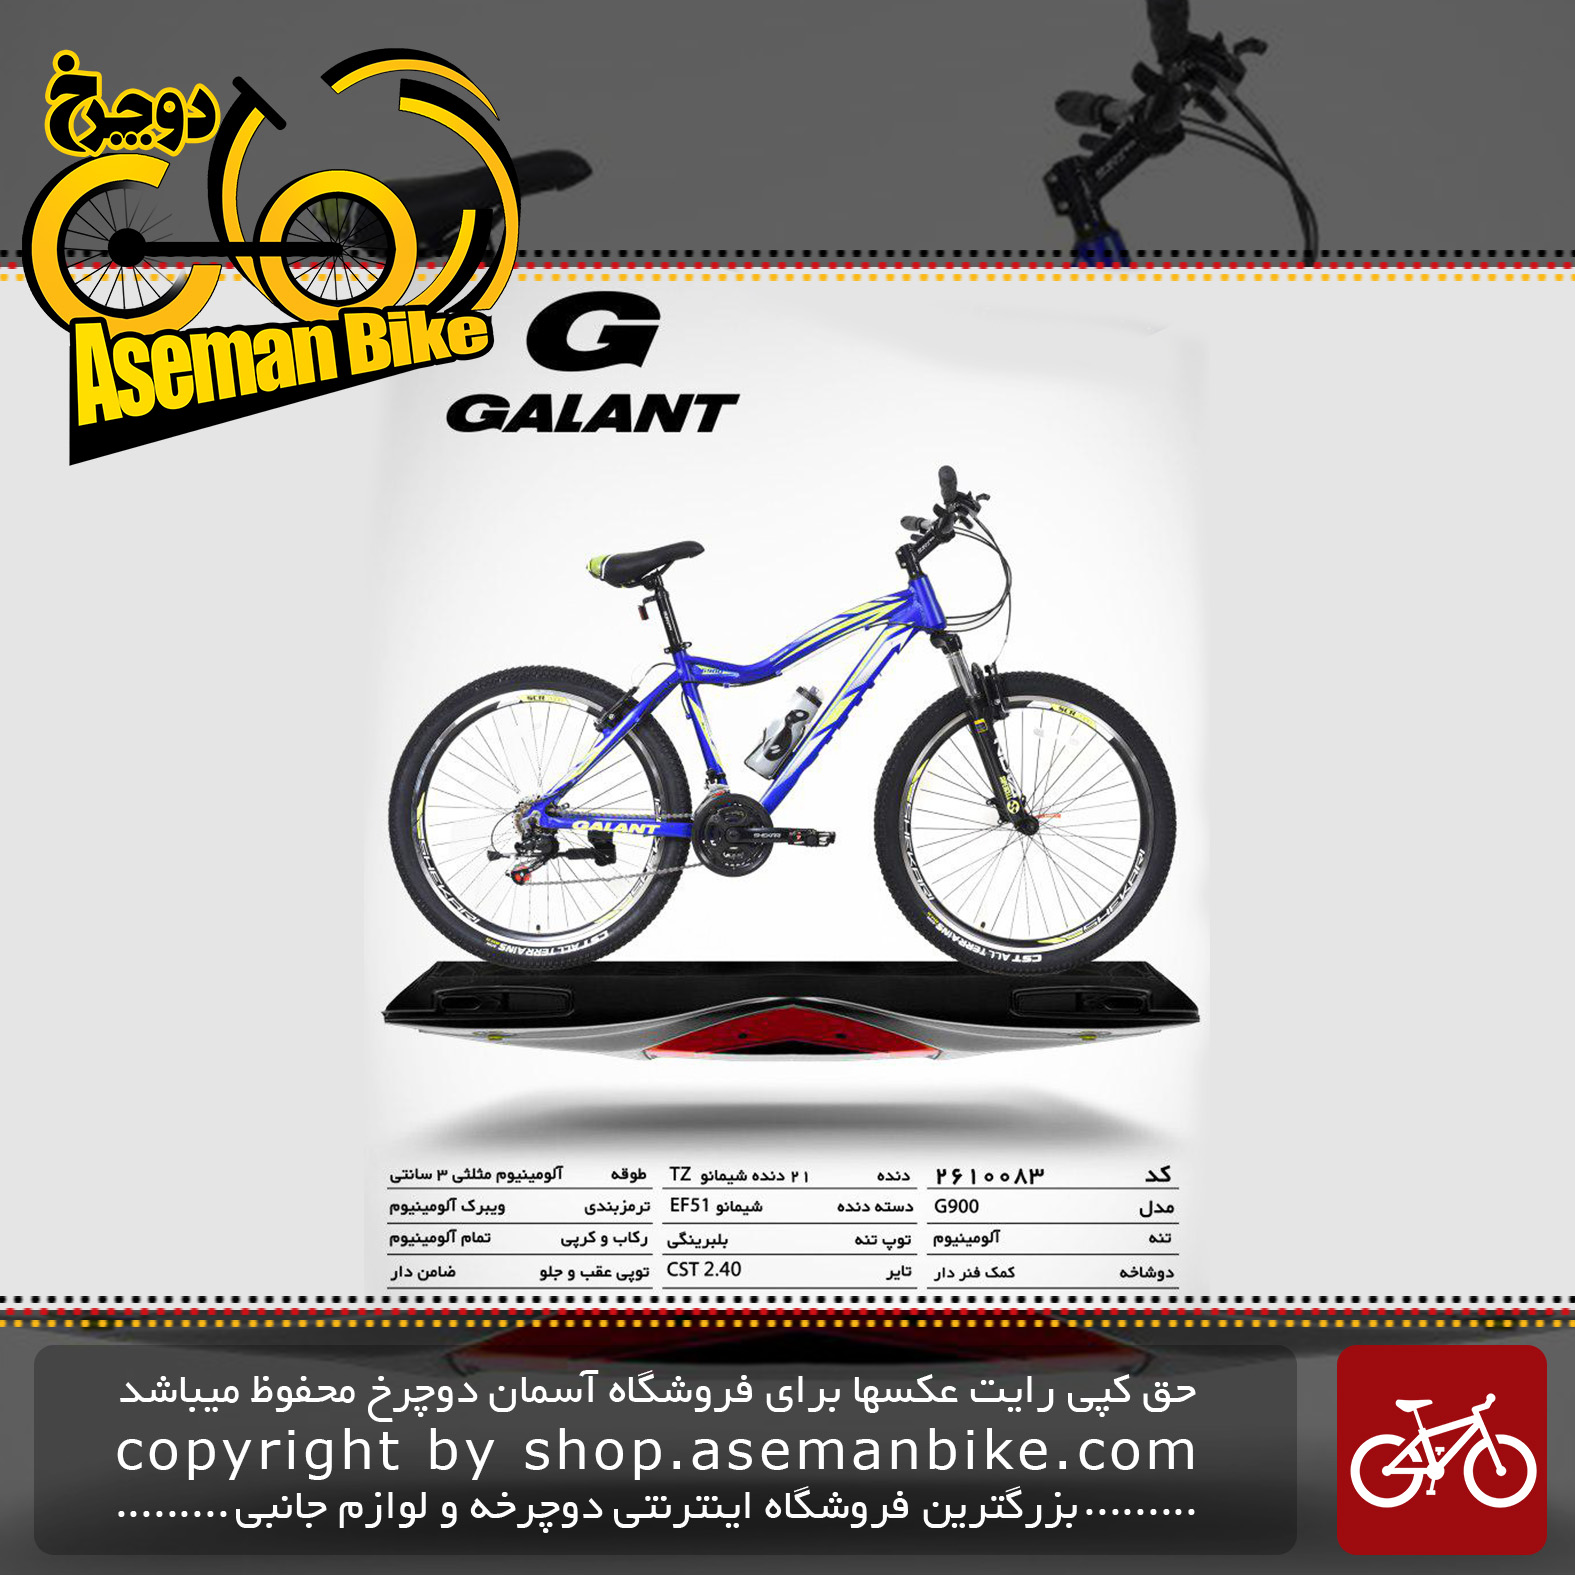 دوچرخه کوهستان شهری گالانت مدل جی 900 21 دنده سایز 26 ساخت تایوان GALANT Mountain City Bicycle Taiwan G900 Size 26 2019